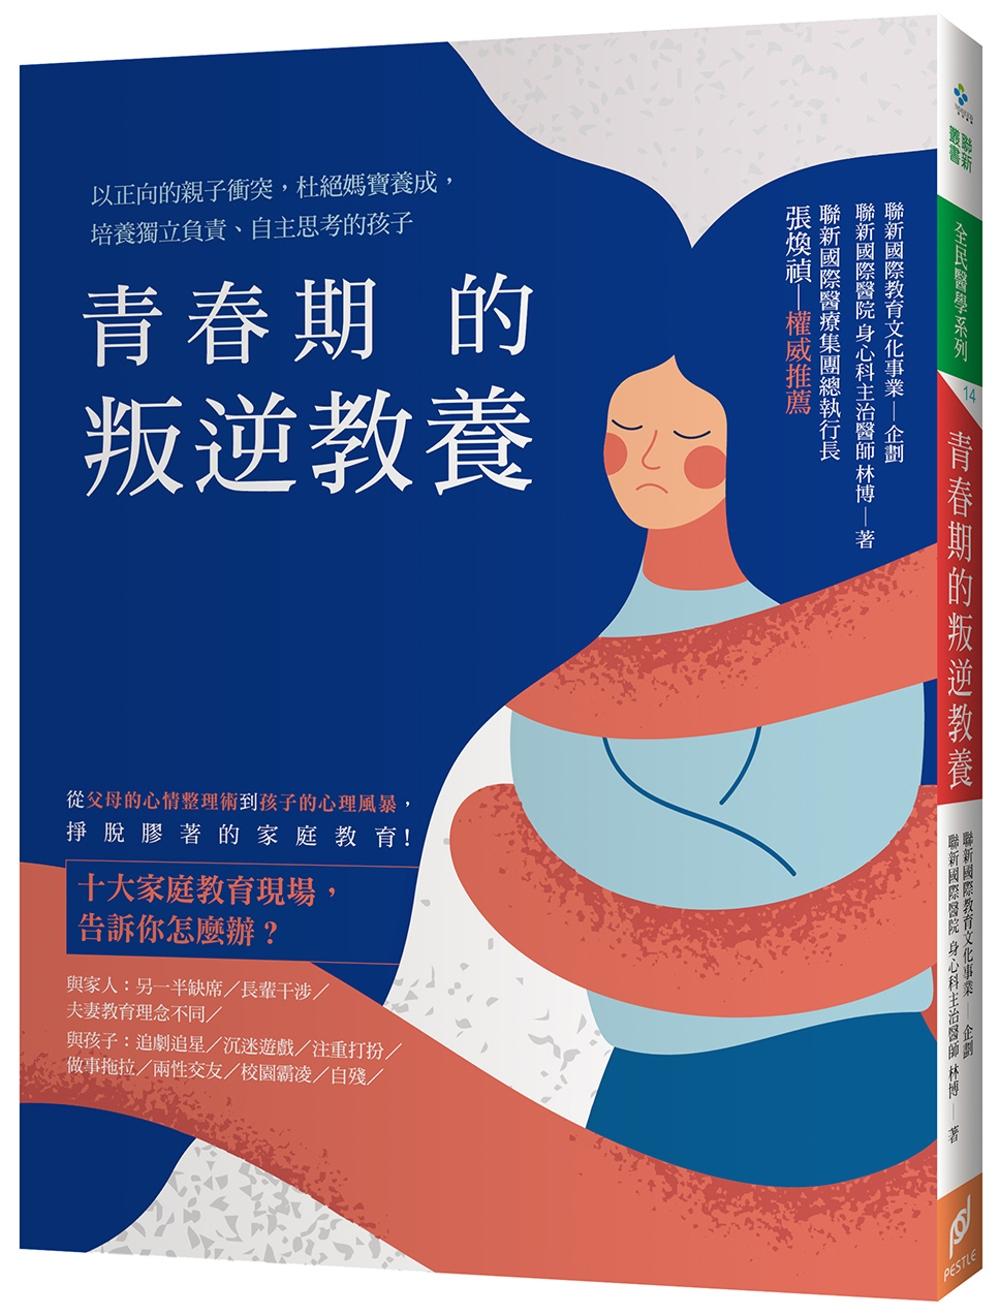 青春期的叛逆教養:以正向的親子衝突,杜絕媽寶養成,培養獨立負責、自主思考的孩子